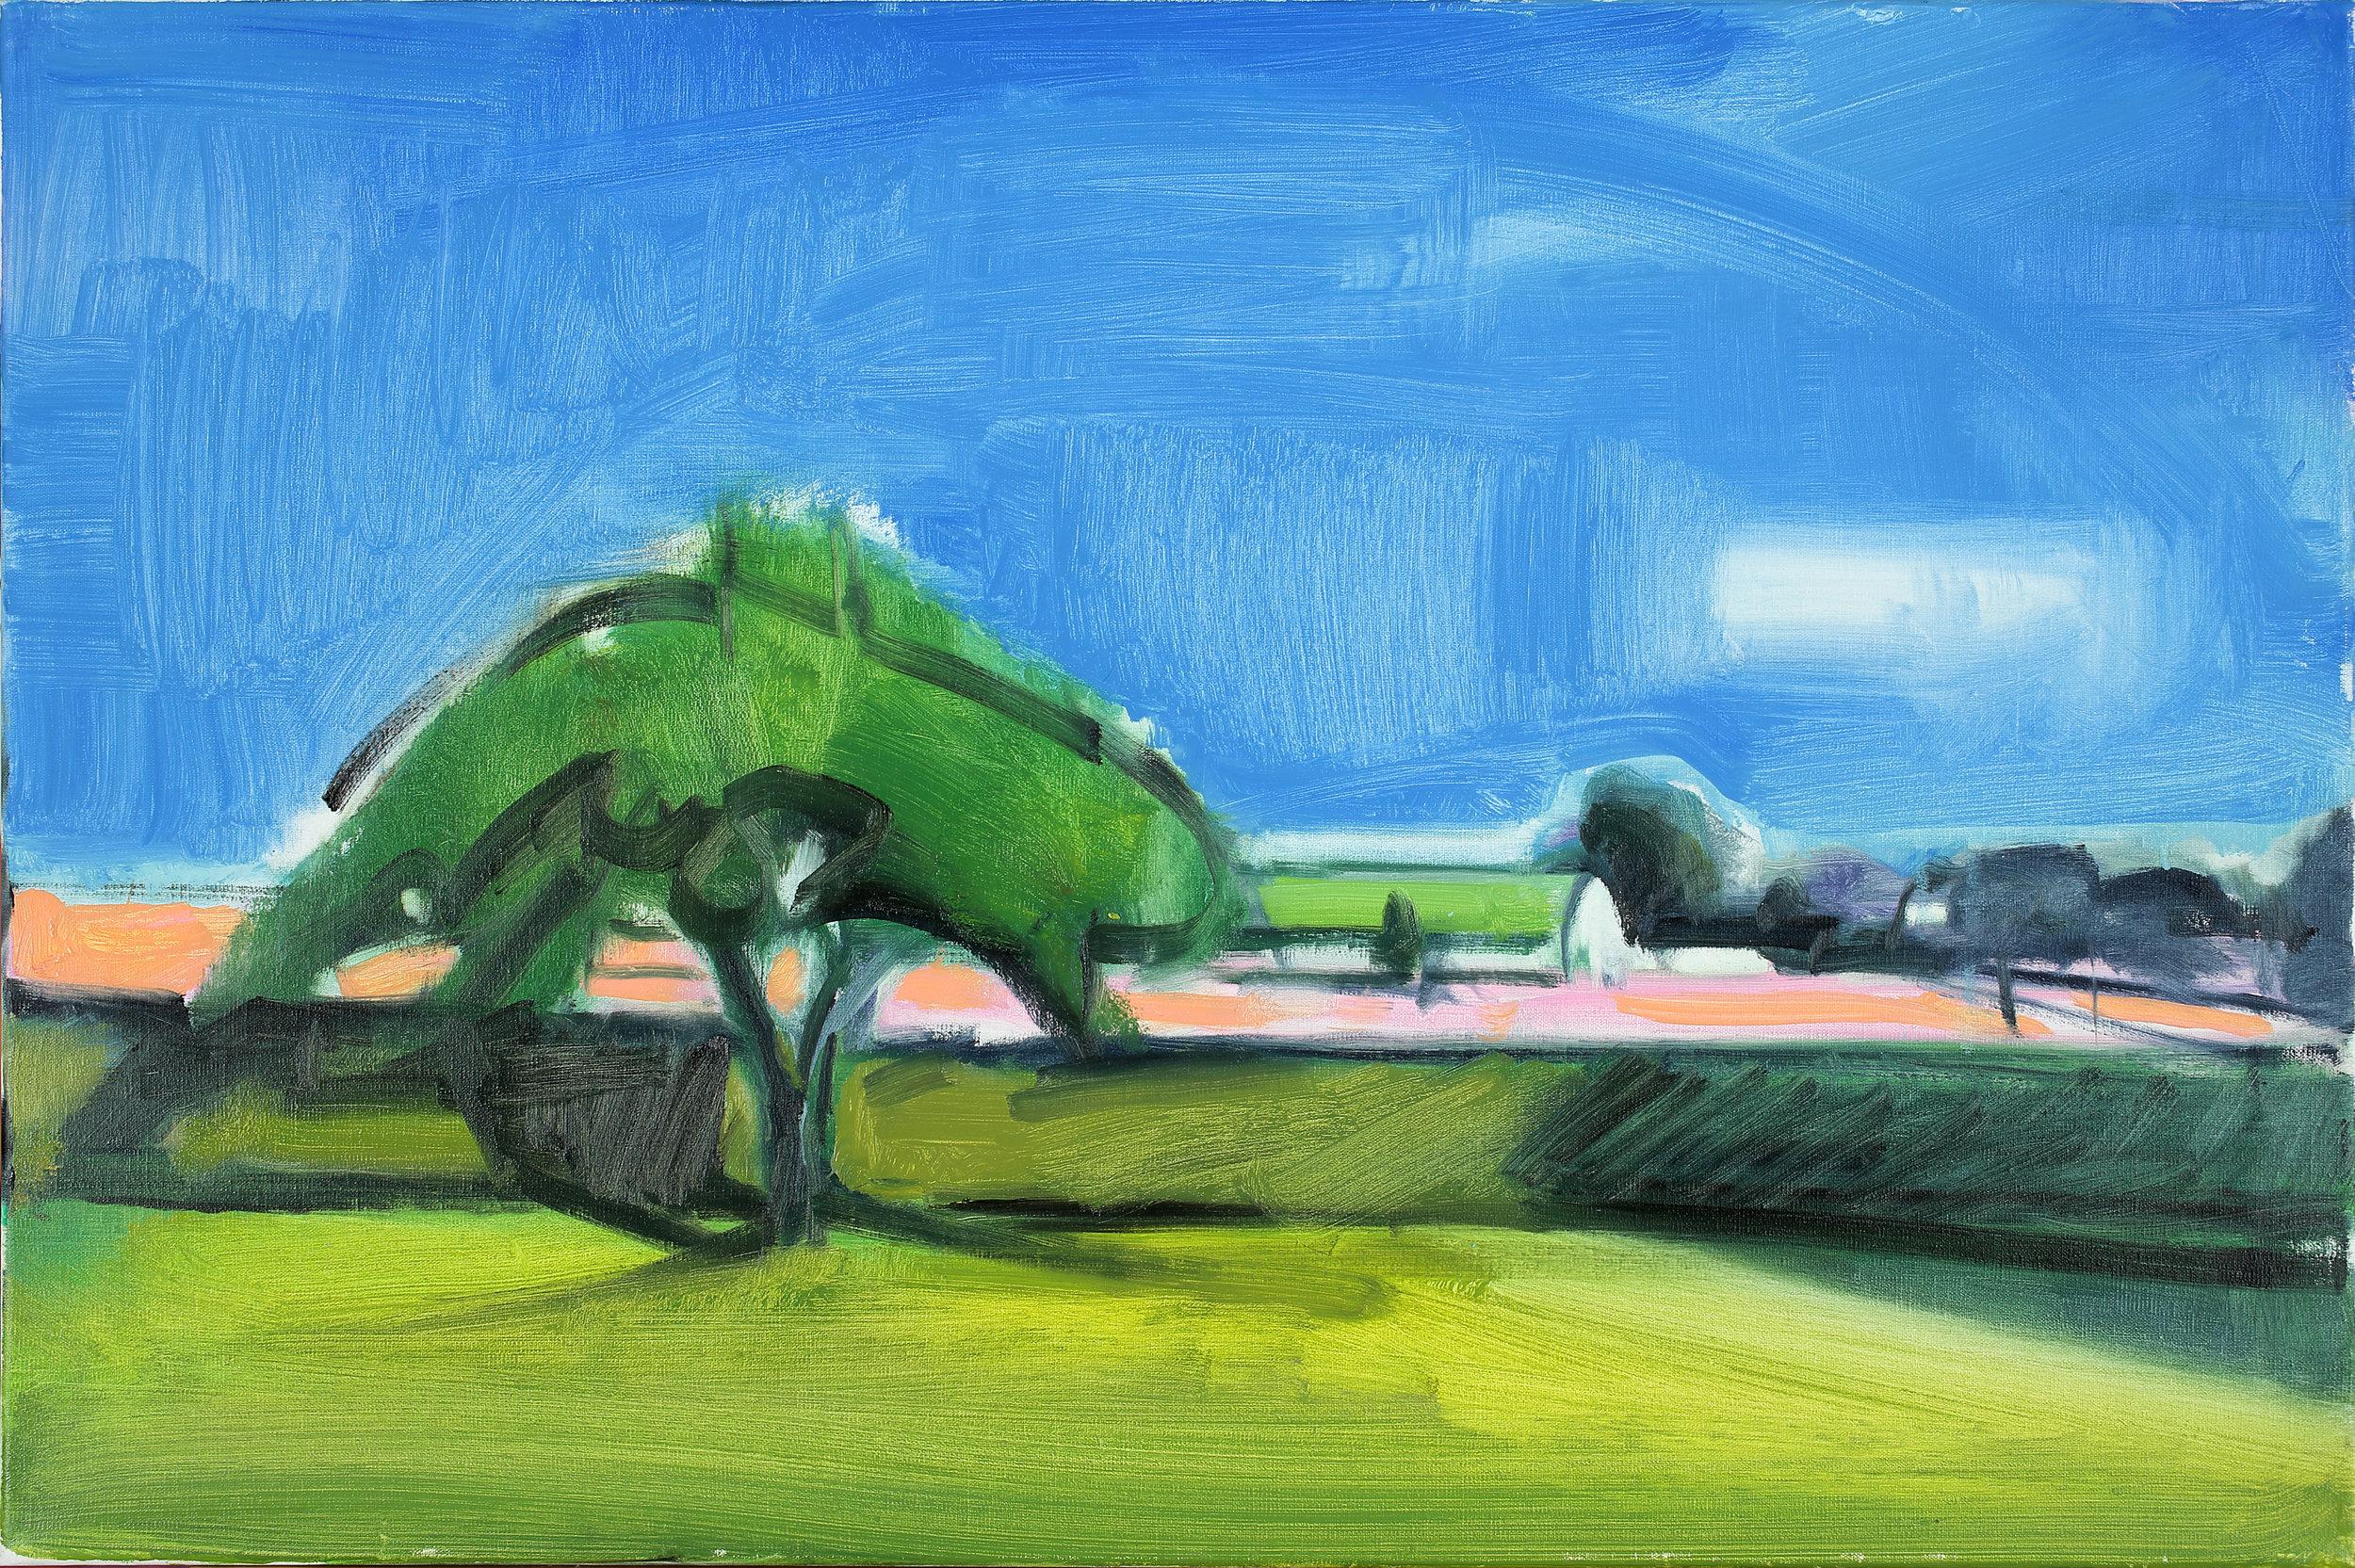 ELIZABETH HIGGINS APPLE TREE AND FLOWER FARM